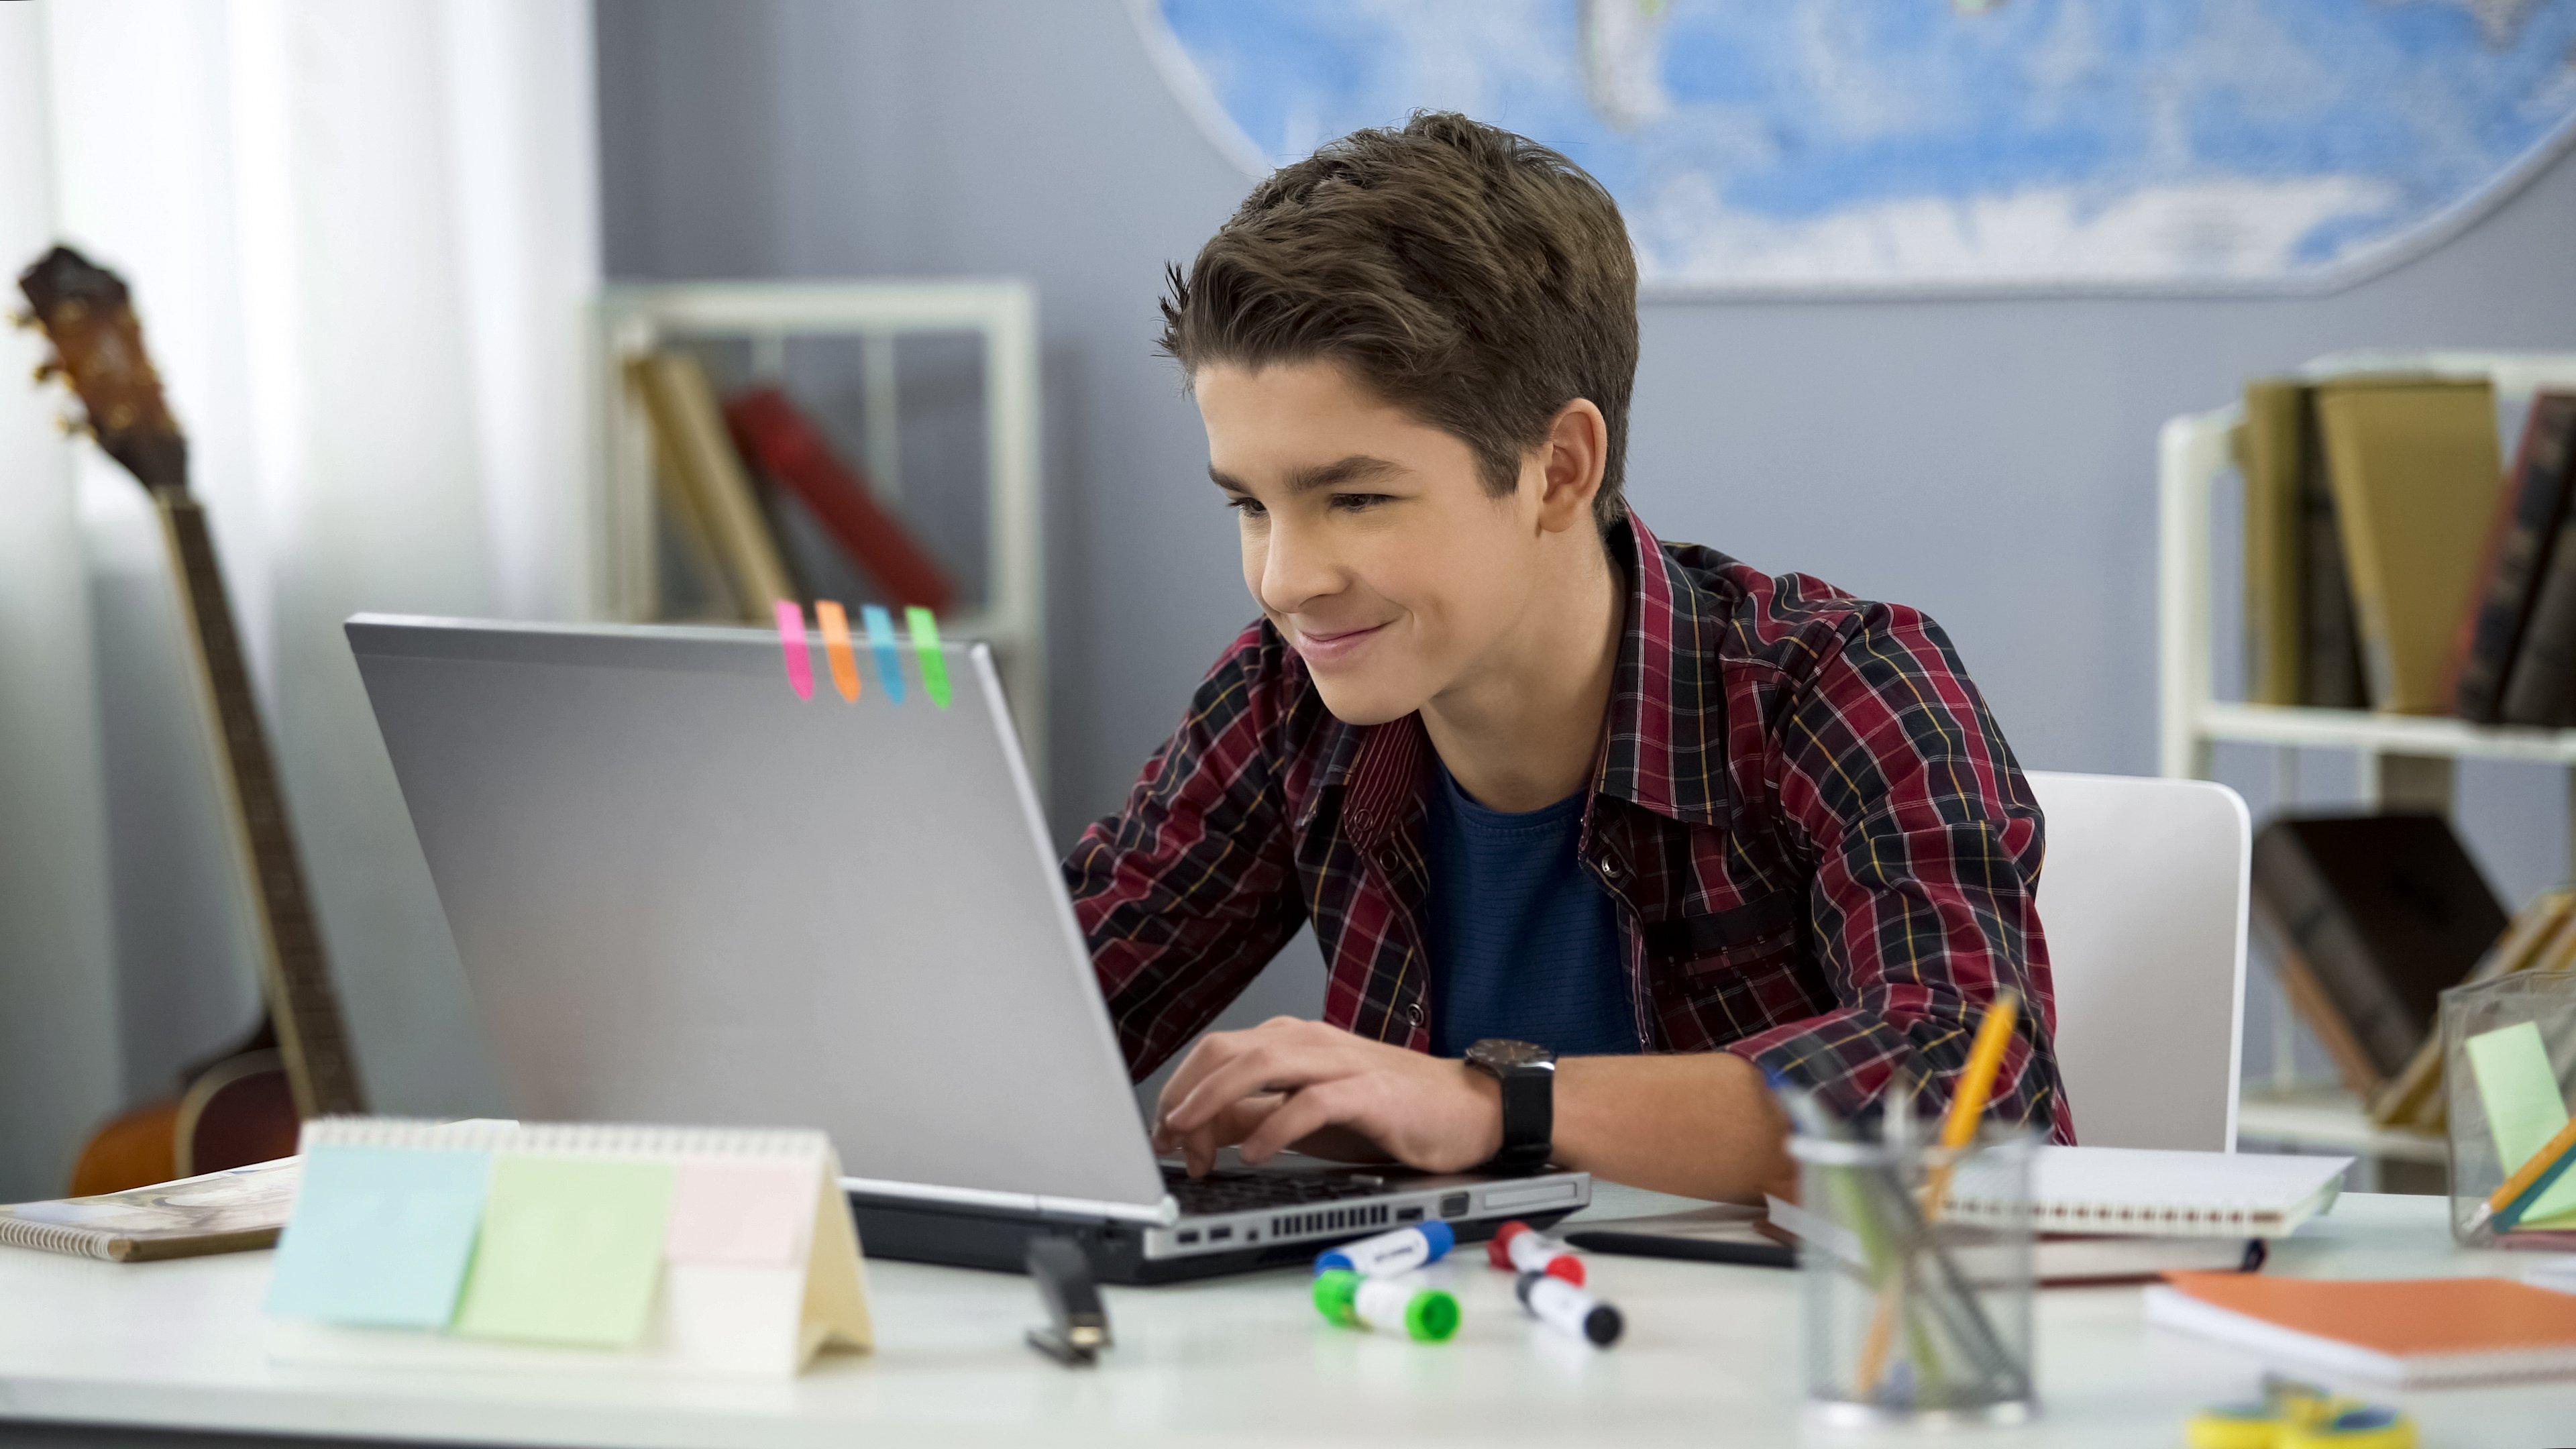 Lo que un colegio puede aprender de su nuevo alumno, el COVID-19 - Colegio San Mateo